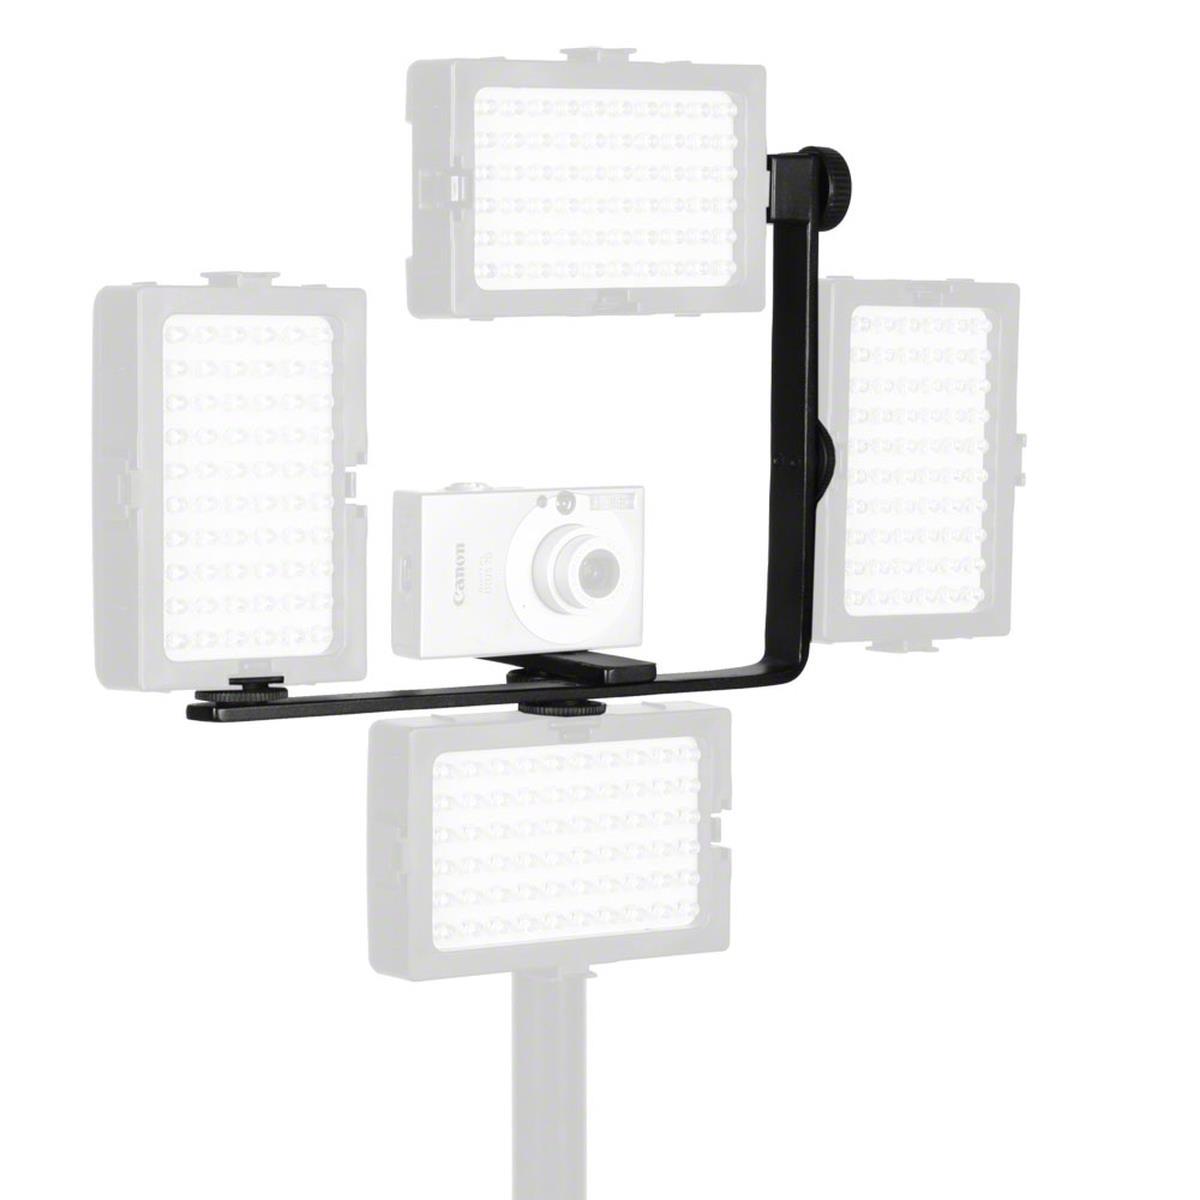 walimex Hilfseckschiene gewinkelt, für max. 4 LED